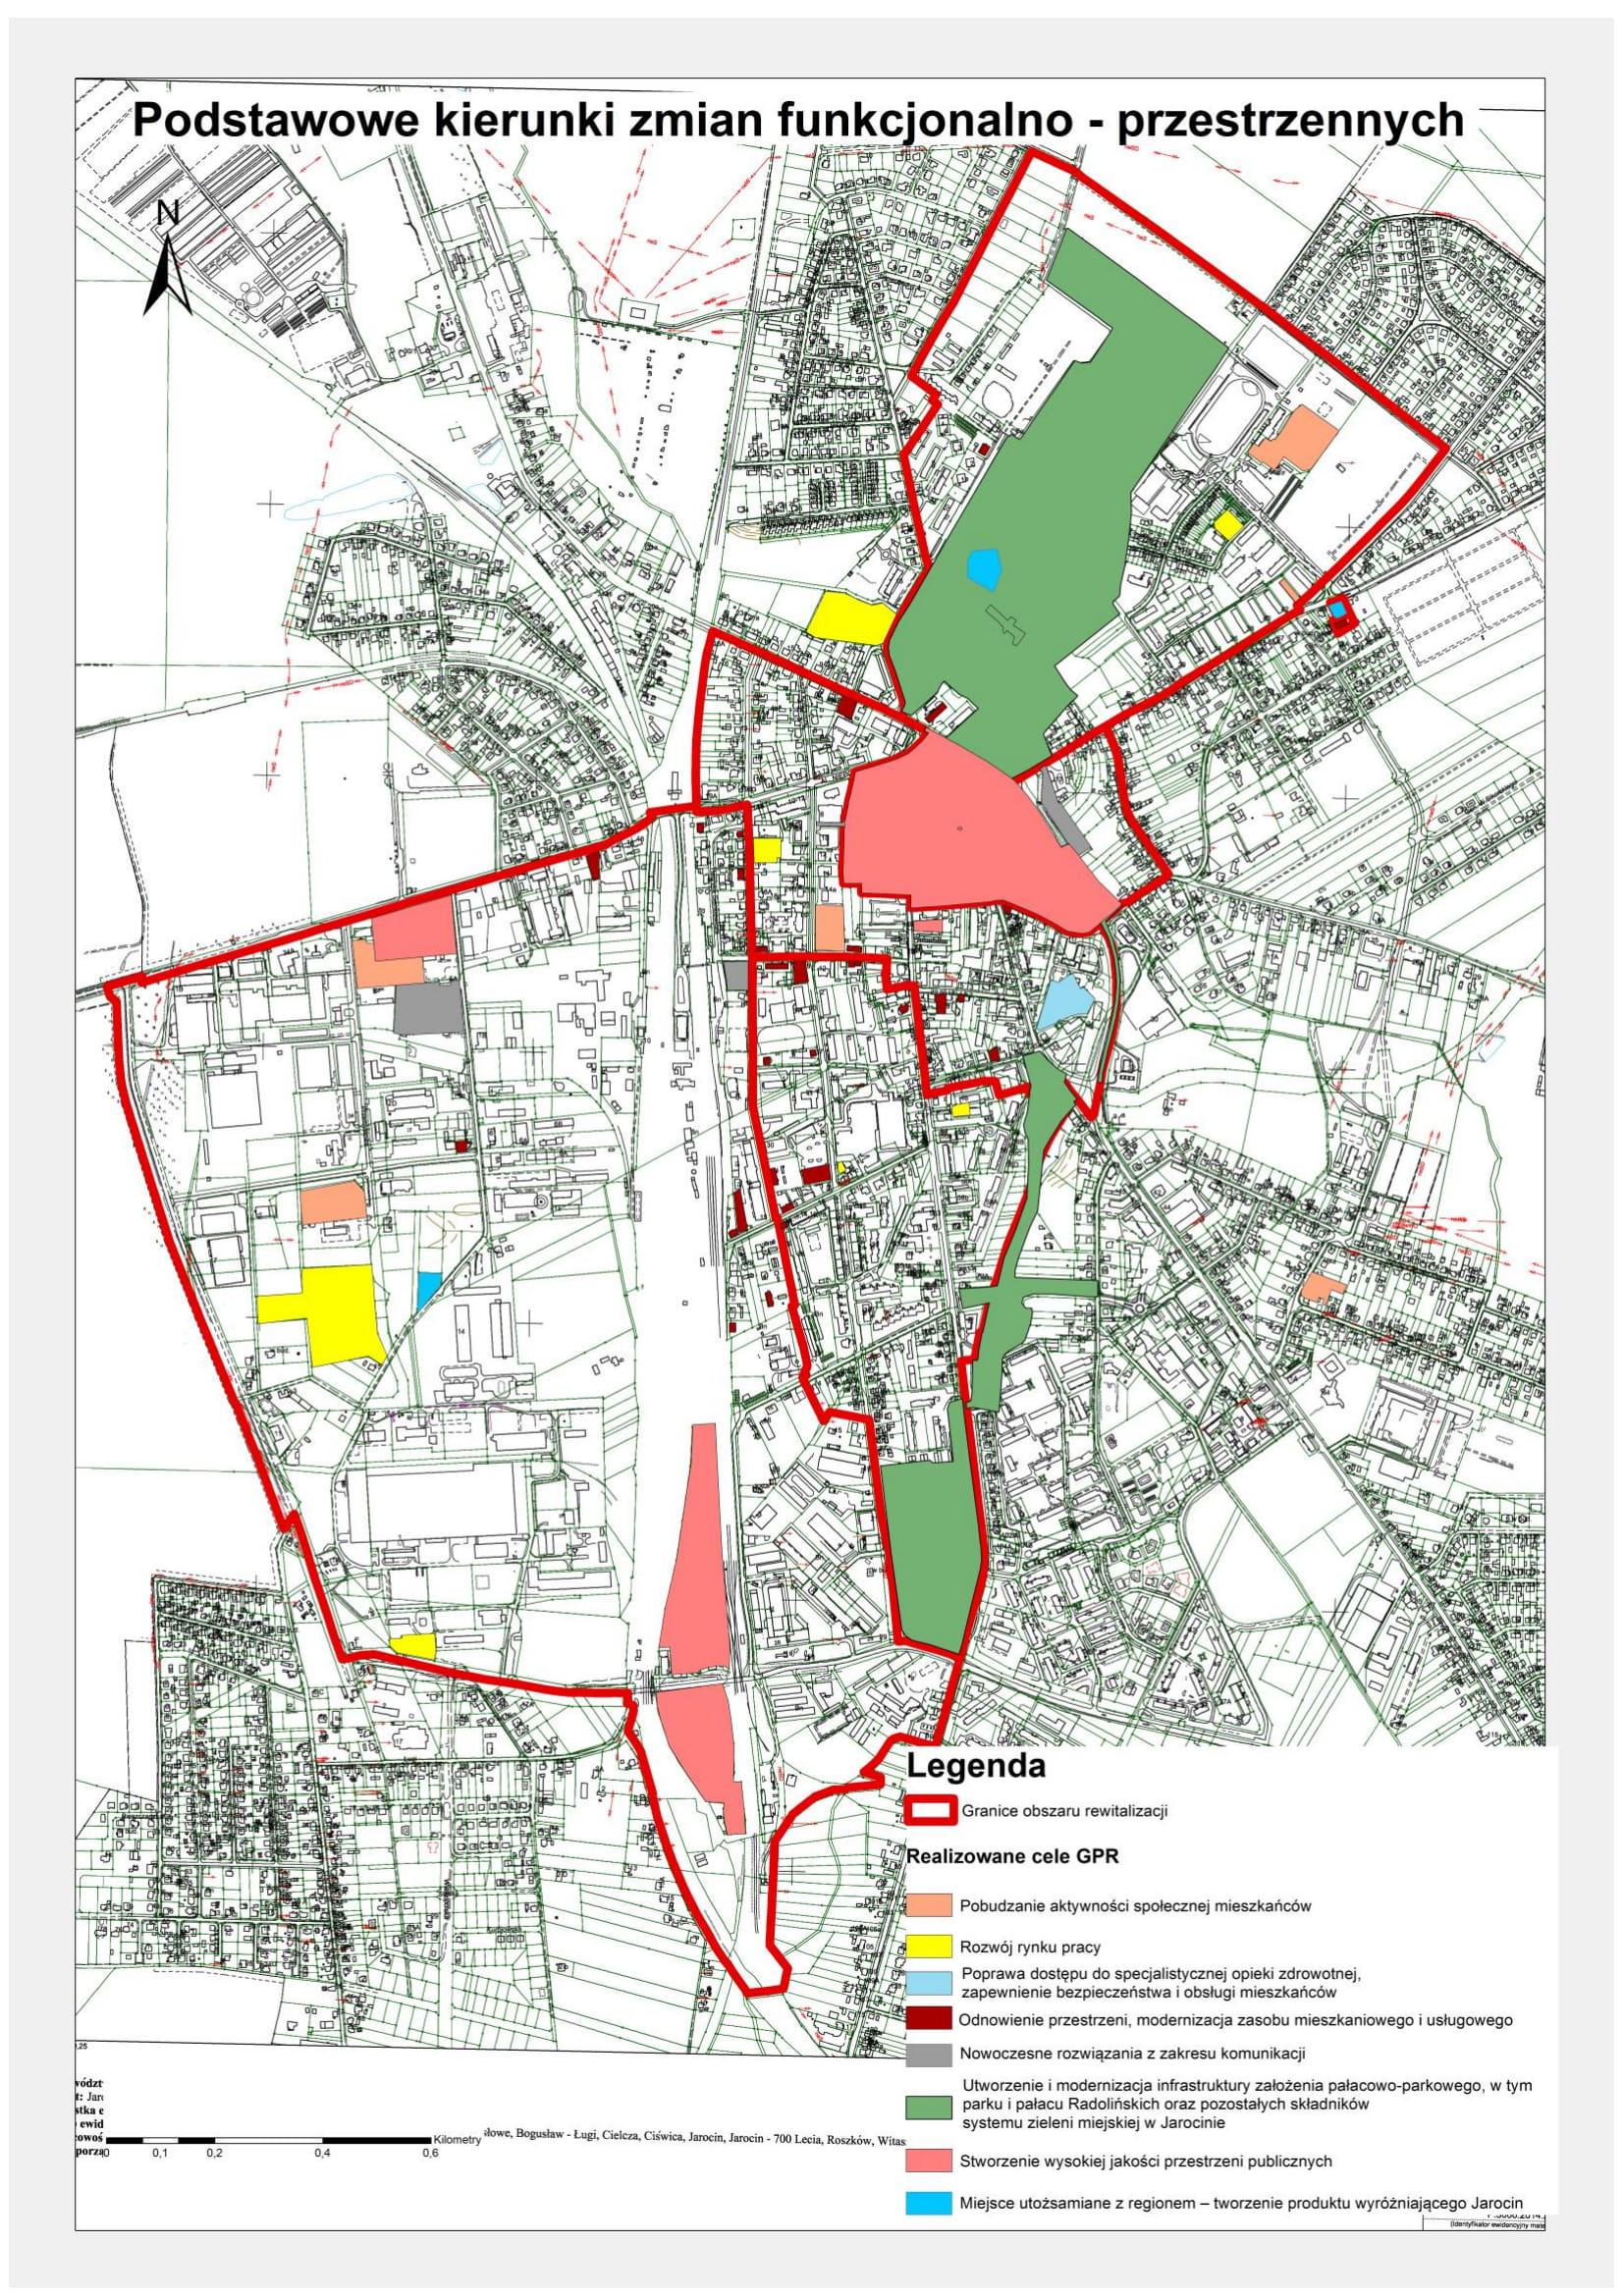 Rys. 1. Mapa podstawowych kierunków zmian funkcjonalno-przestrzennych.